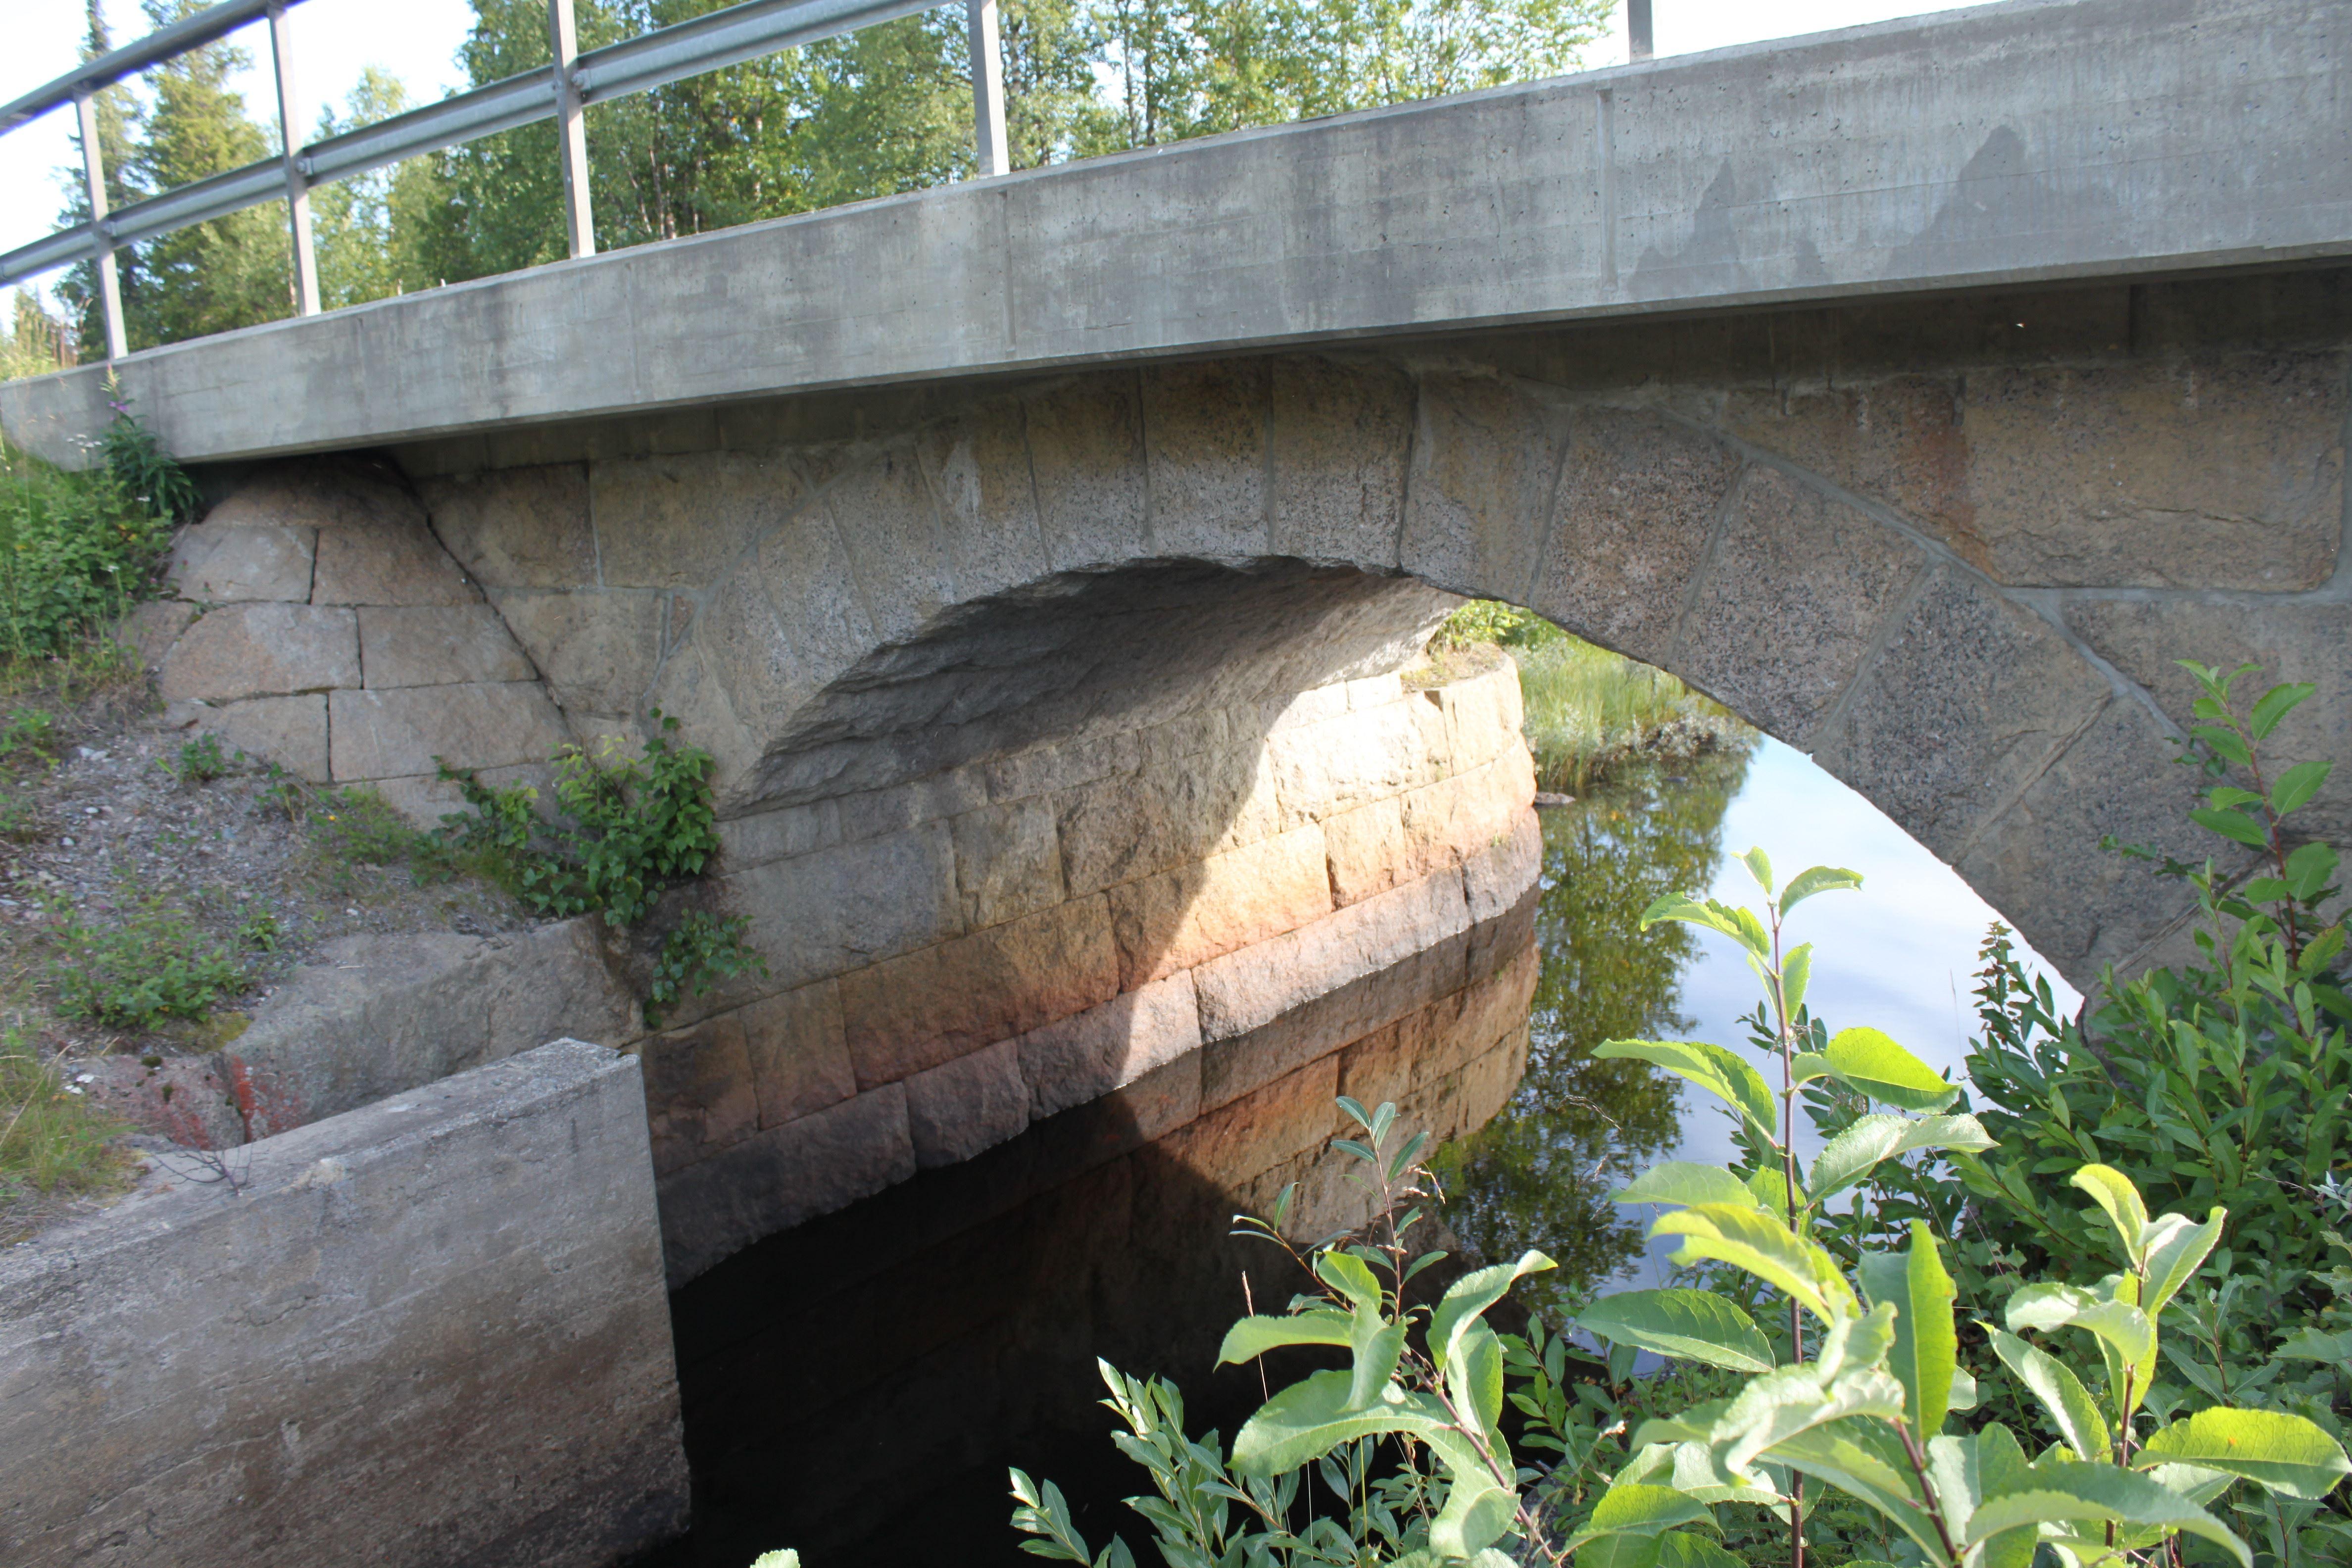 Tullbergsbron